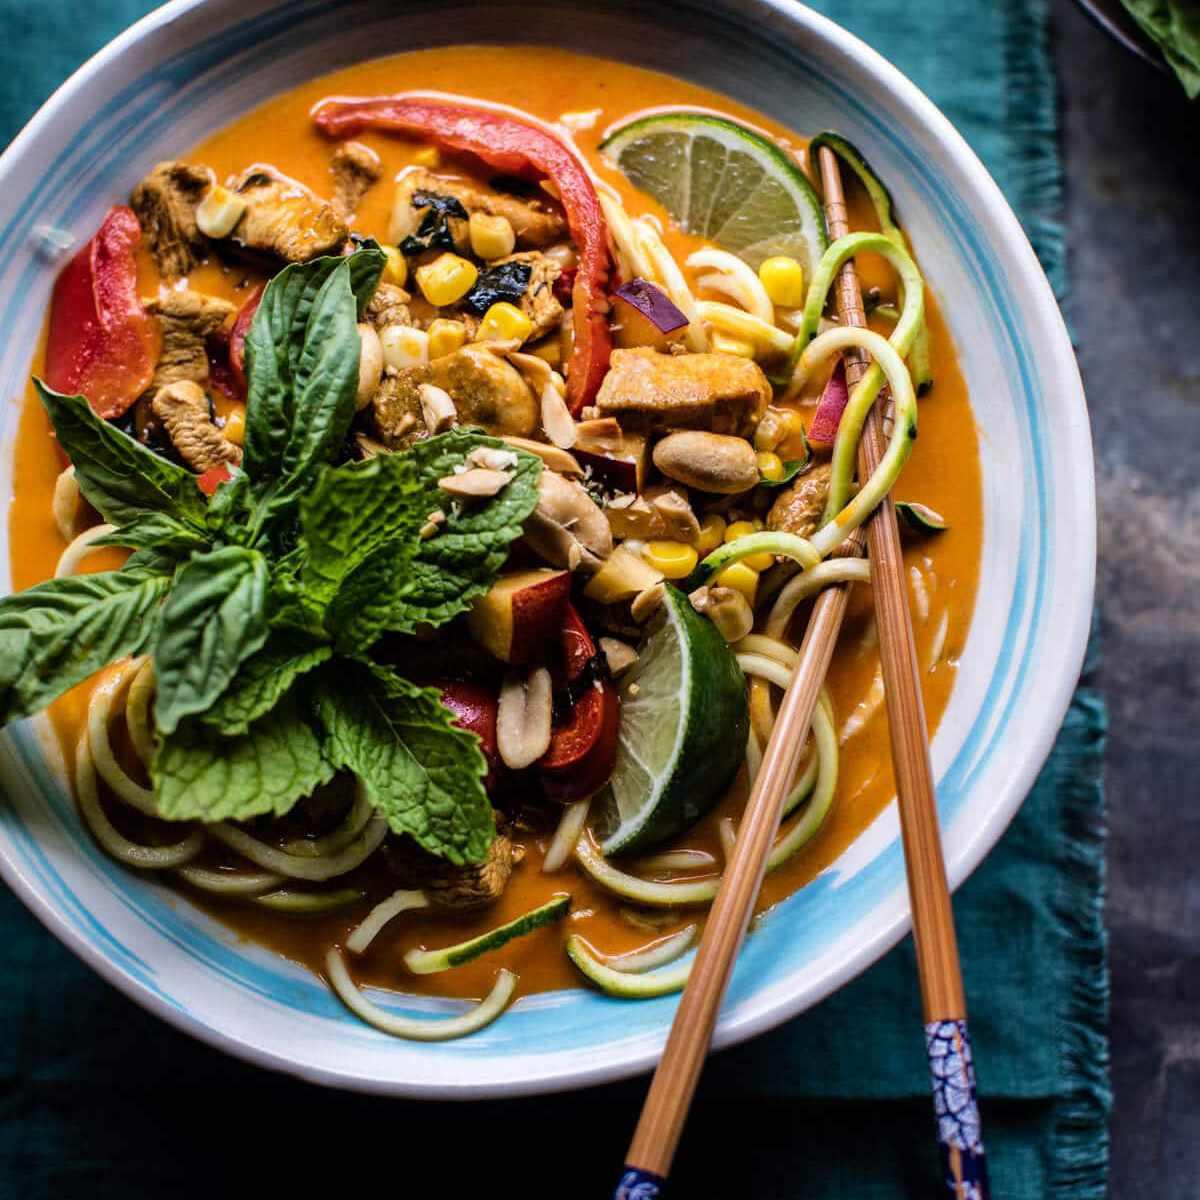 Tazones de fideos con calabacín y albahaca al curry